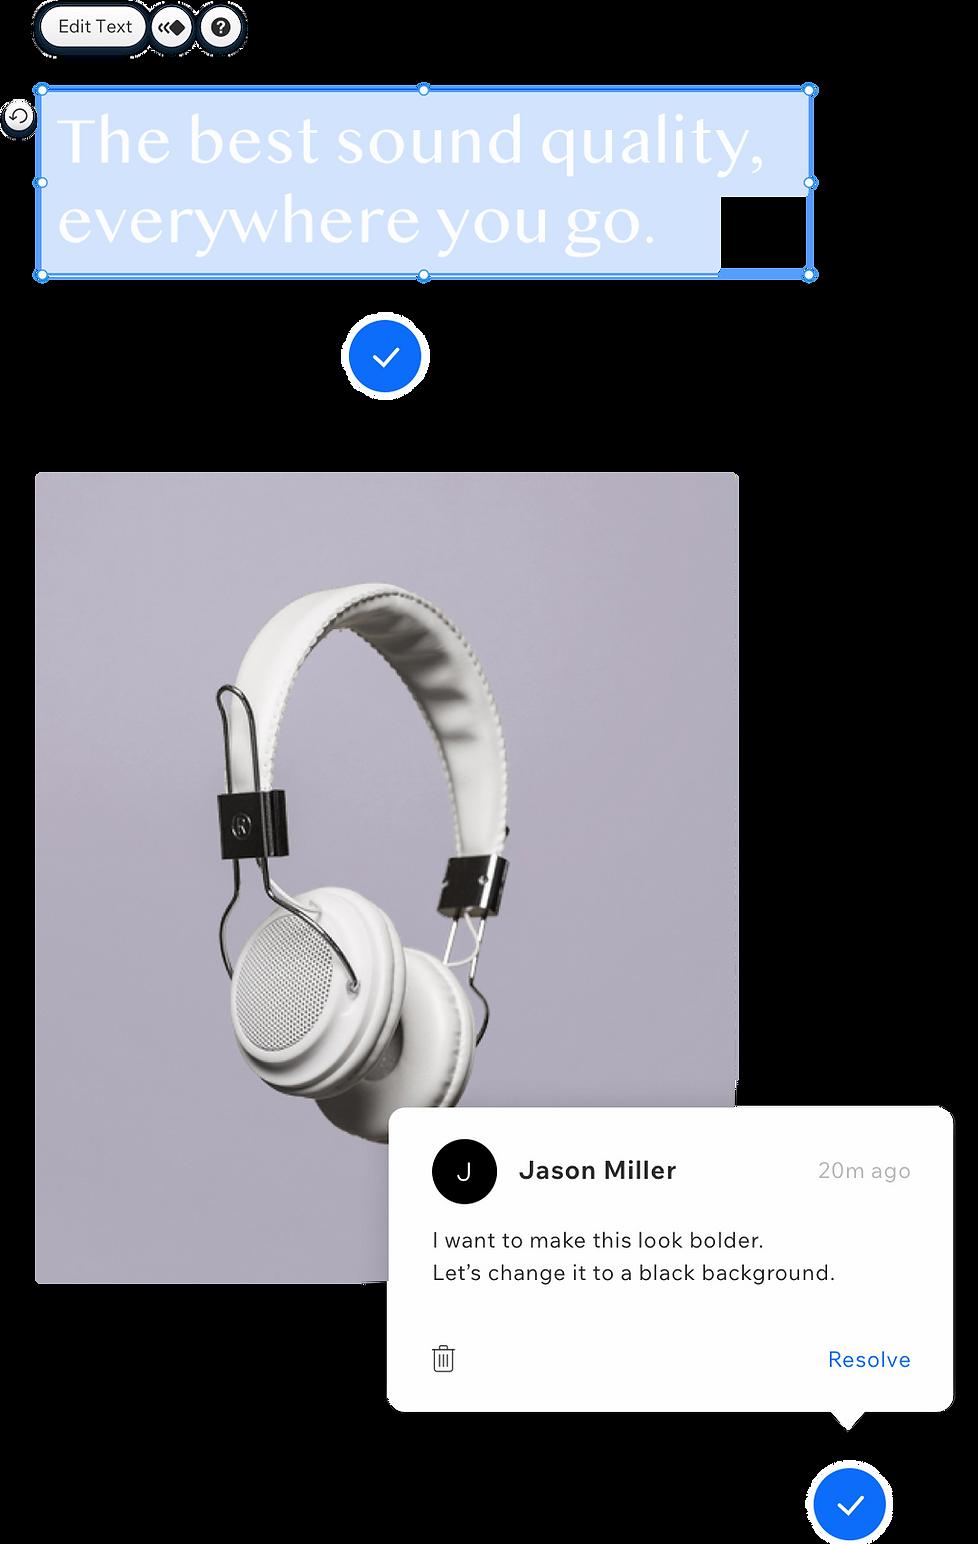 Site de fones de ouvido com comentários de um membro da agência.